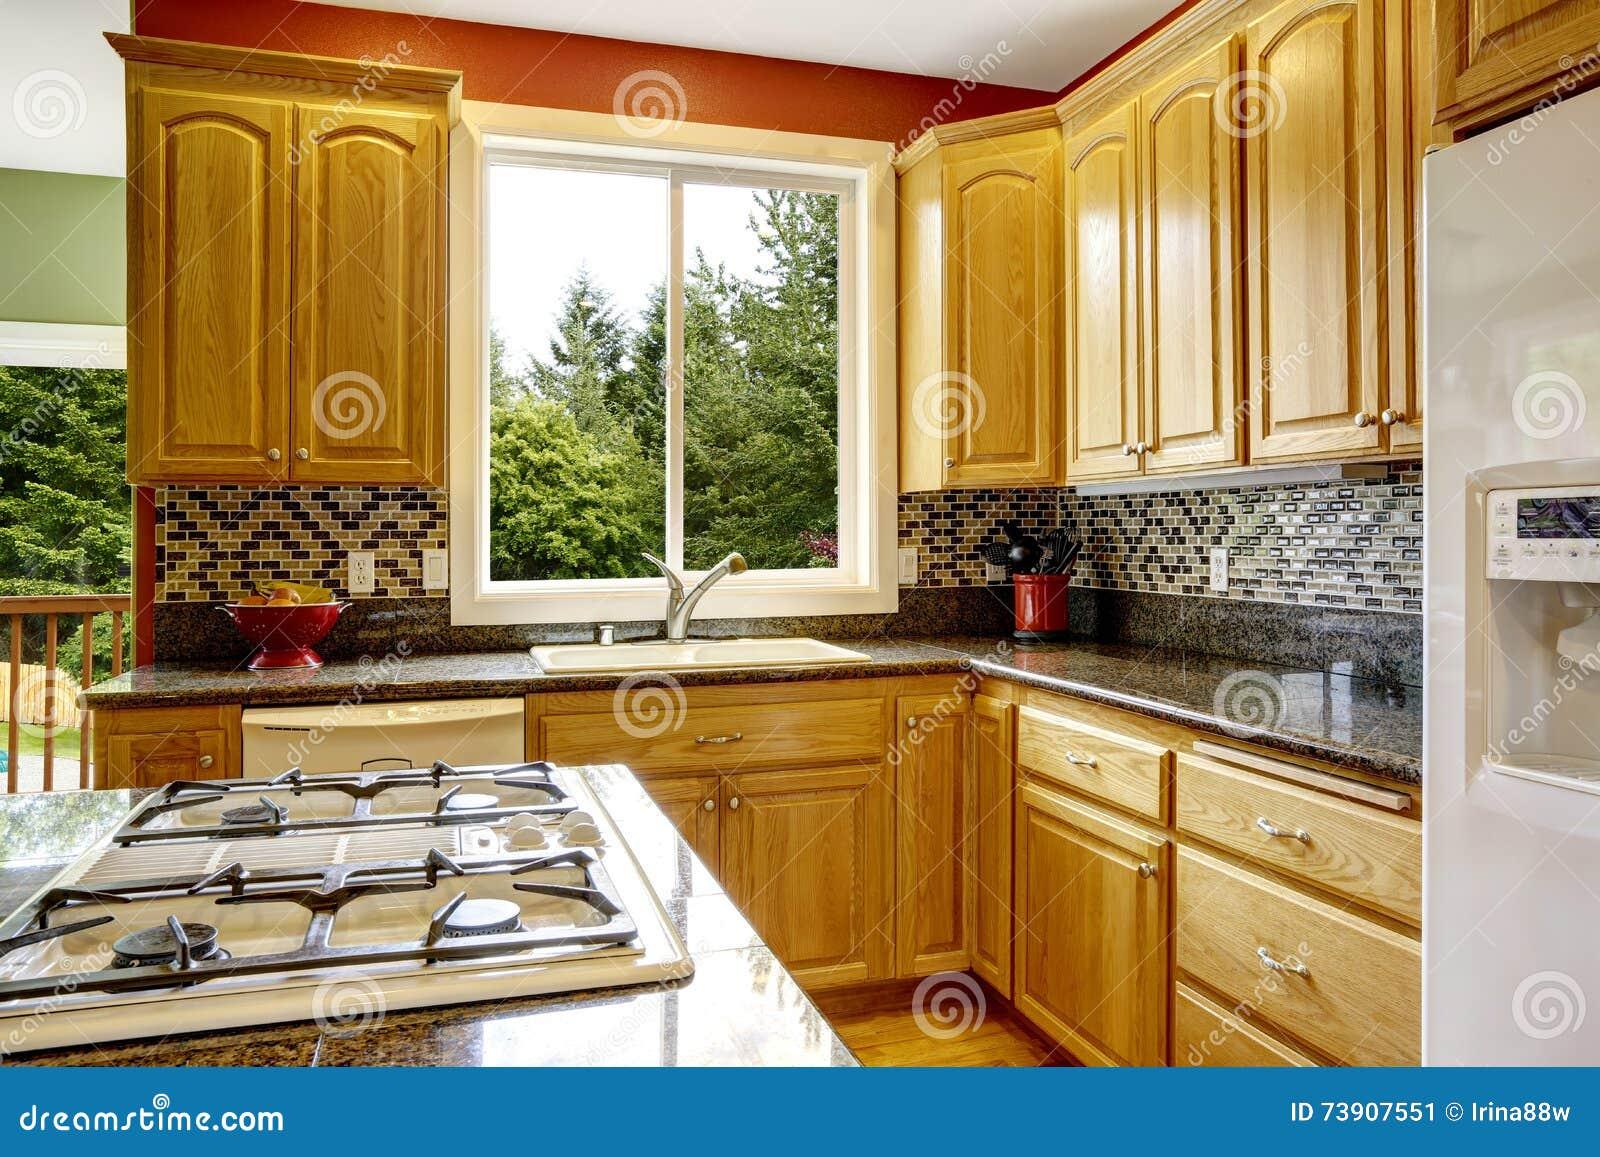 Kleine Küche Mit Insel, Gegenspitze Des Dunklen Granits Stockbild ...